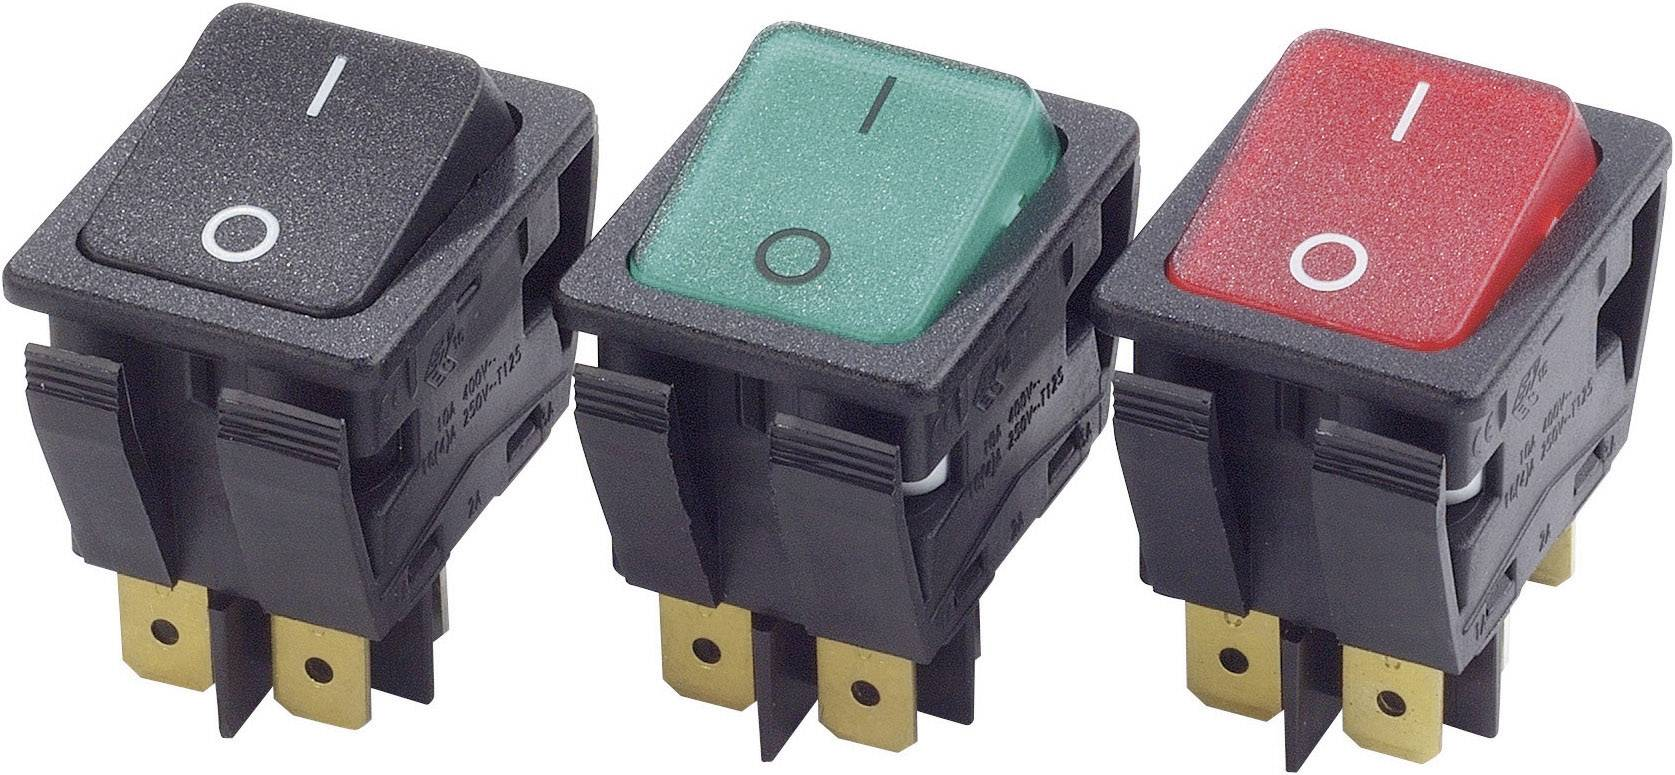 Kolébkový spínač s aretací Arcolectric C6050ALAAC, 250 V/AC, 16 A, 2x vyp/zap, bez osvětlení, 1 ks